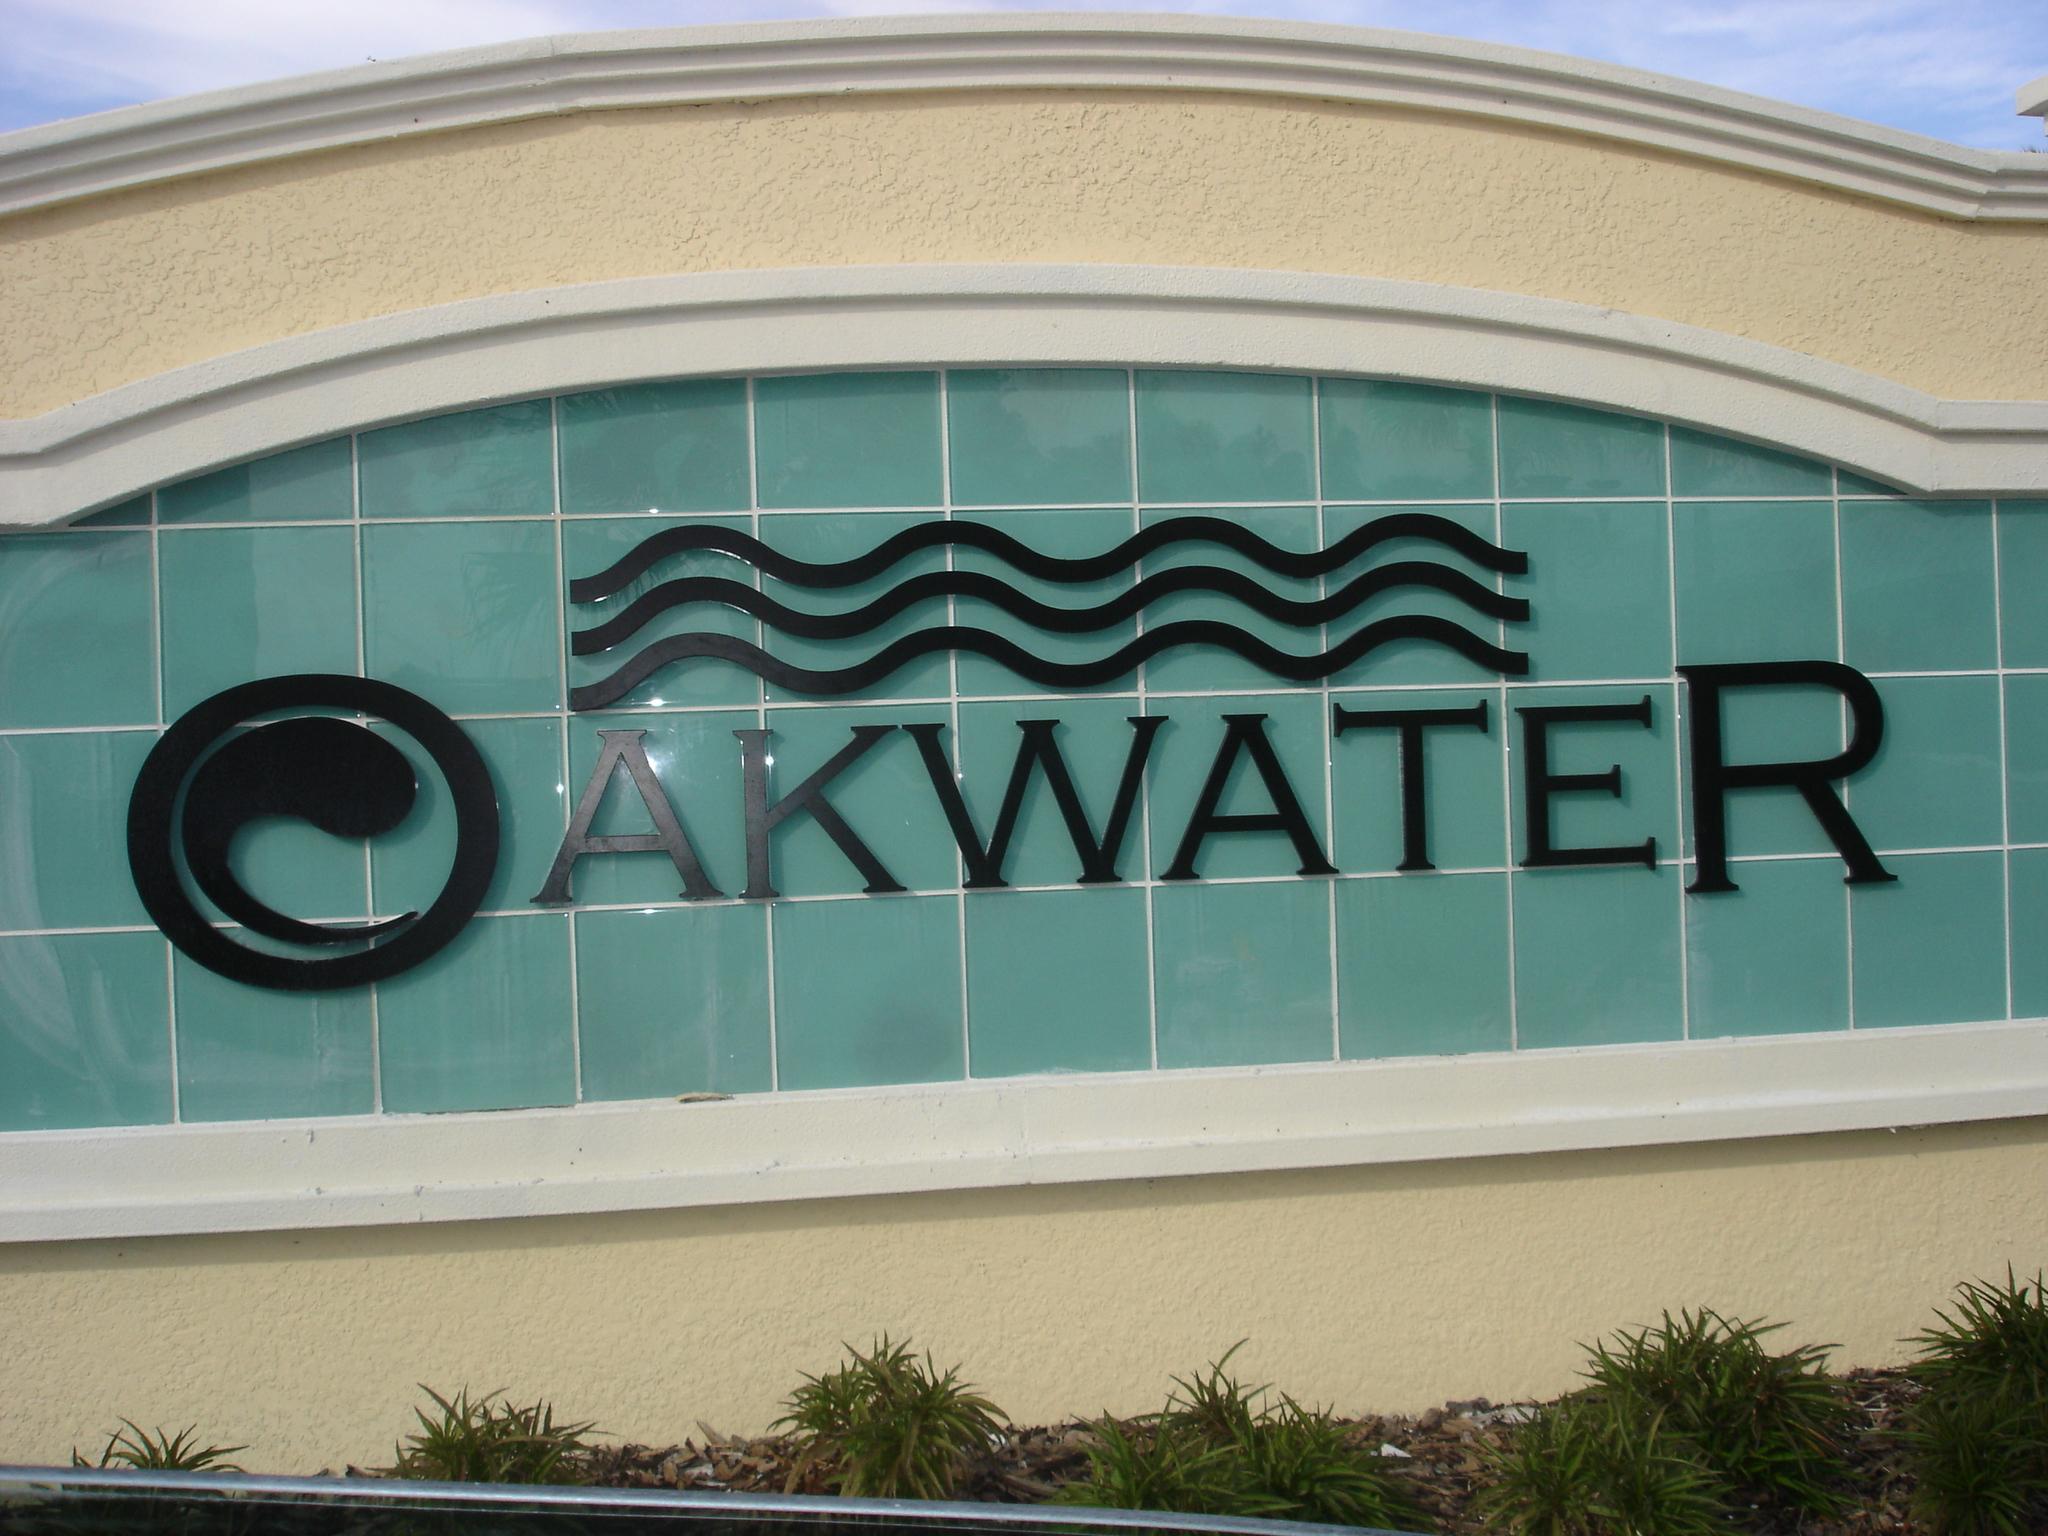 oakwater